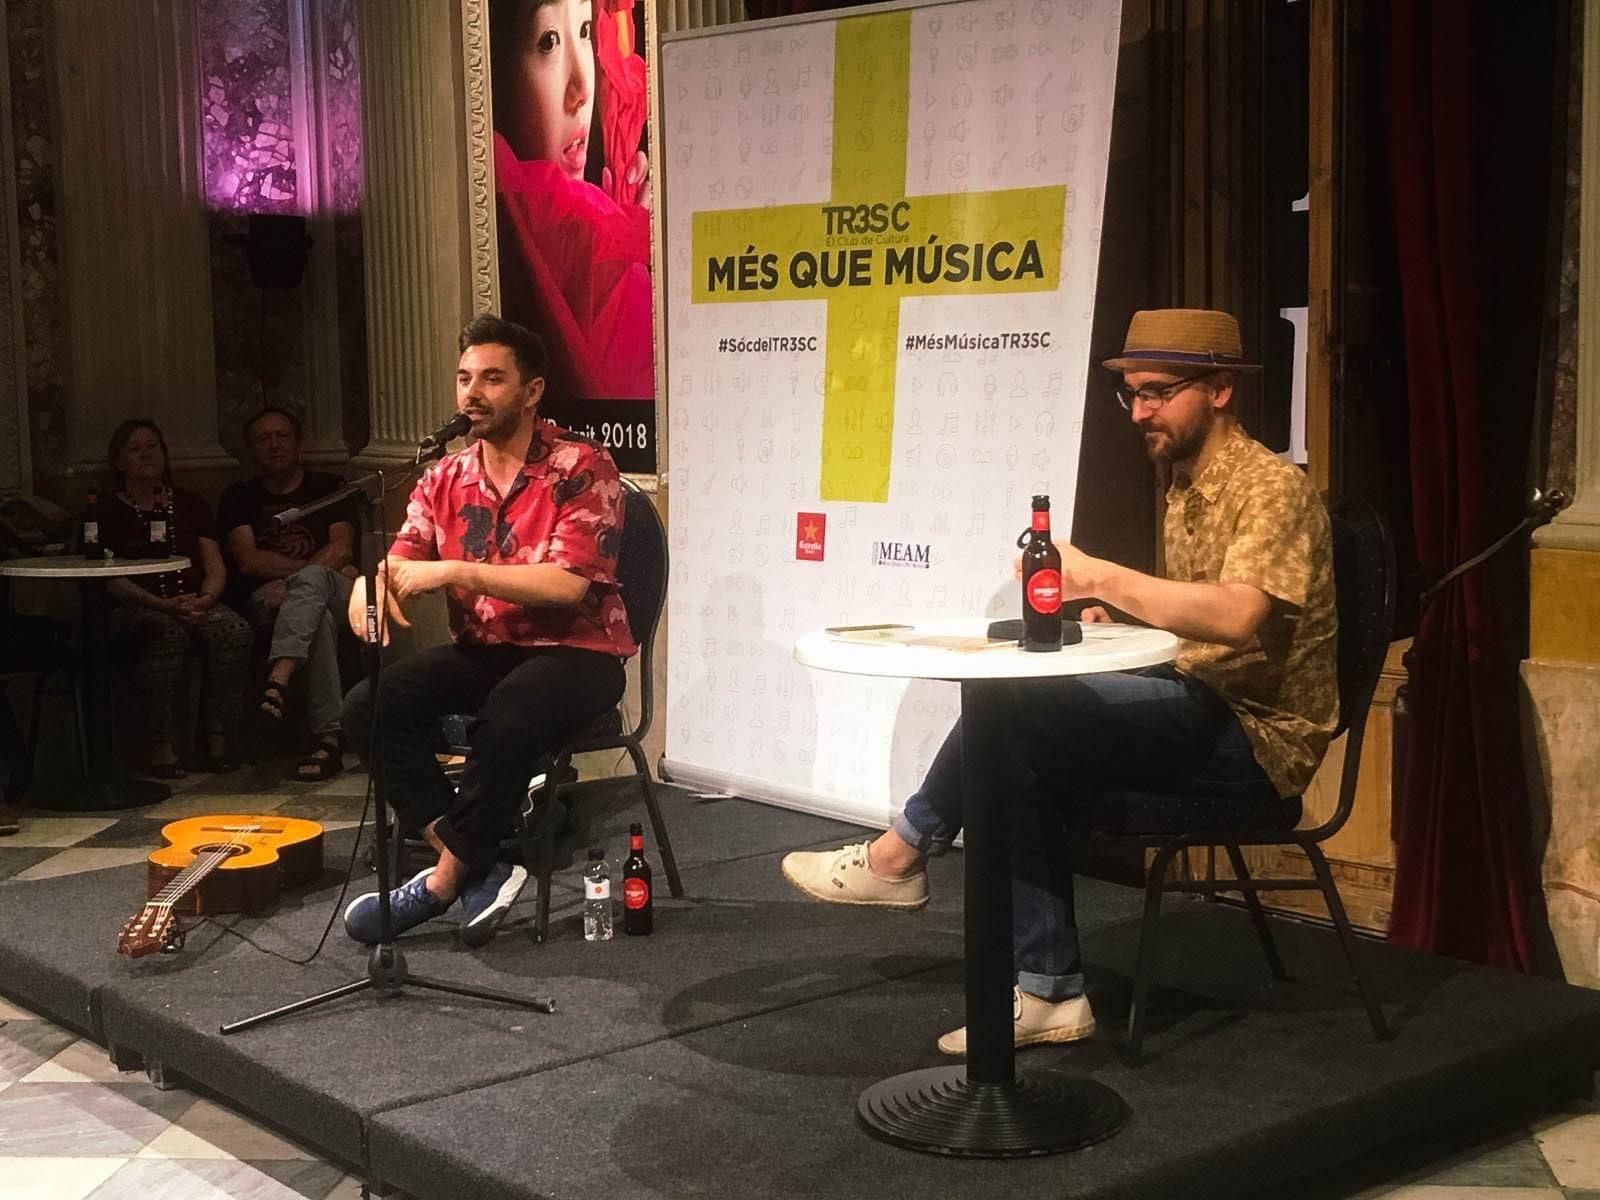 #MésQueMúsica amb Alessio Arena